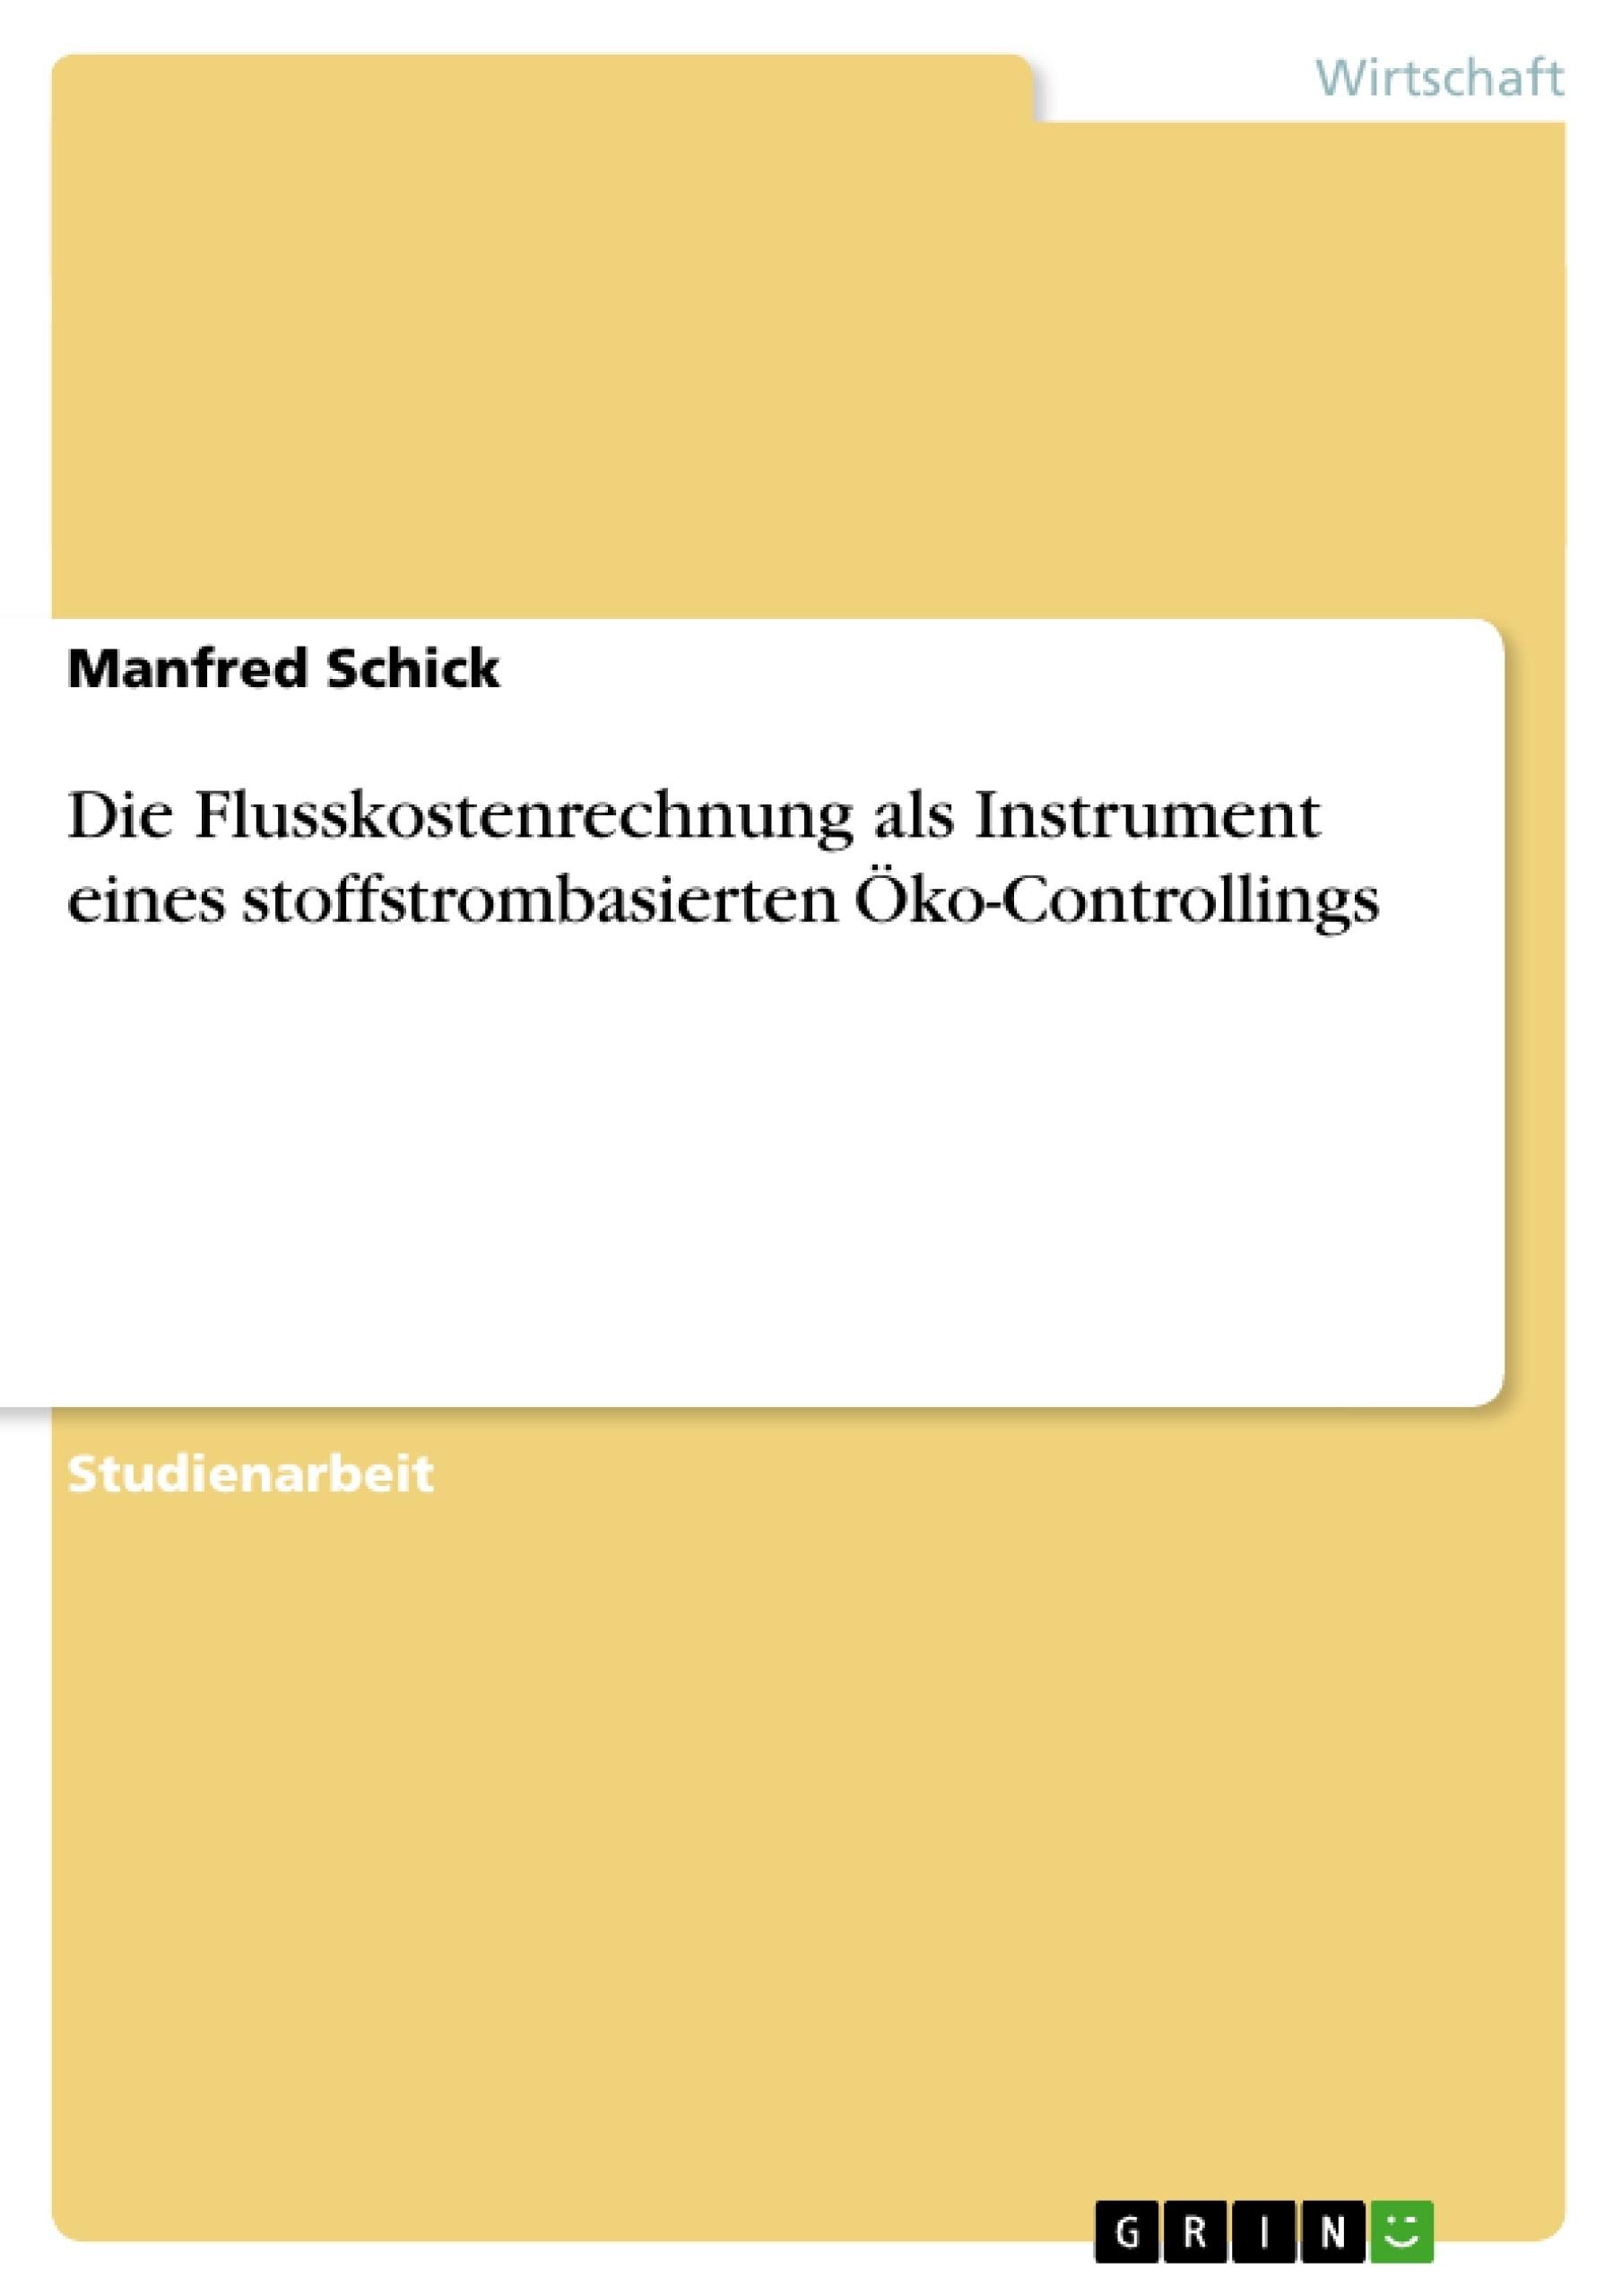 Titel: Die Flusskostenrechnung als Instrument eines stoffstrombasierten Öko-Controllings